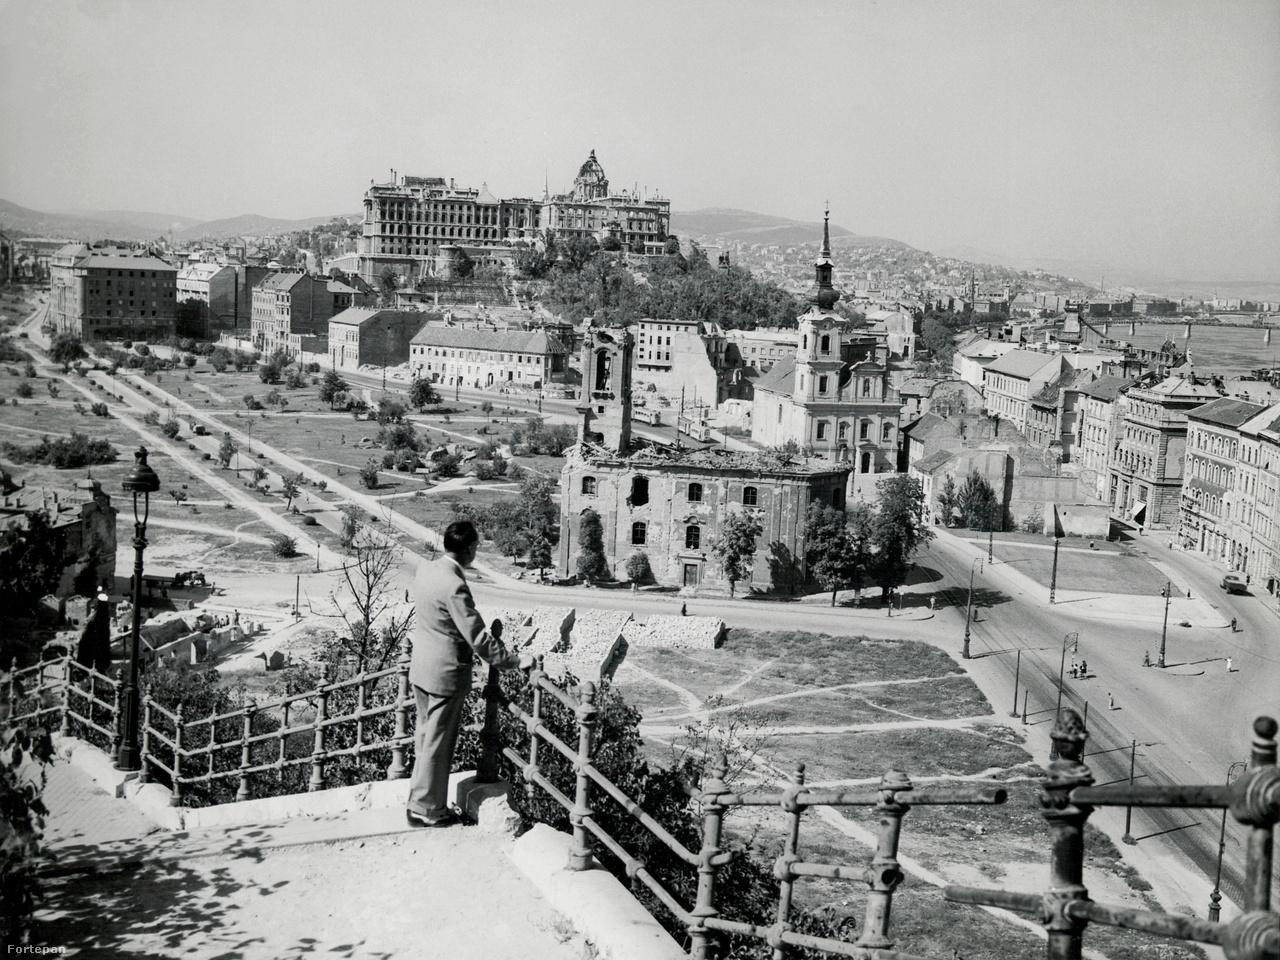 Budapesti látkép a Szent Gellért lépcsőről bombázás előtt és után: 1943-ben és 1946-ban. Az előtérben látszó Szent Demeter szerb templomot azóta lerombolták, az Alexandriai Szent Katalin-plébániatemplom még áll.Karl Lutz, a zsidómentő svájci diplomata szenvedélyes amatőrfotós volt. A Fortepanon szereplő több mint kétszáz fotója között Budapestről több háború előtt-után képpár is felbukkan: minden jel szerint dokumentarista módon törekedett arra, hogy az általa fotózott helyszíneket a rombolás előtt és után is megörökítse. Lutzról ebben a cikkben írtunk részletesen.